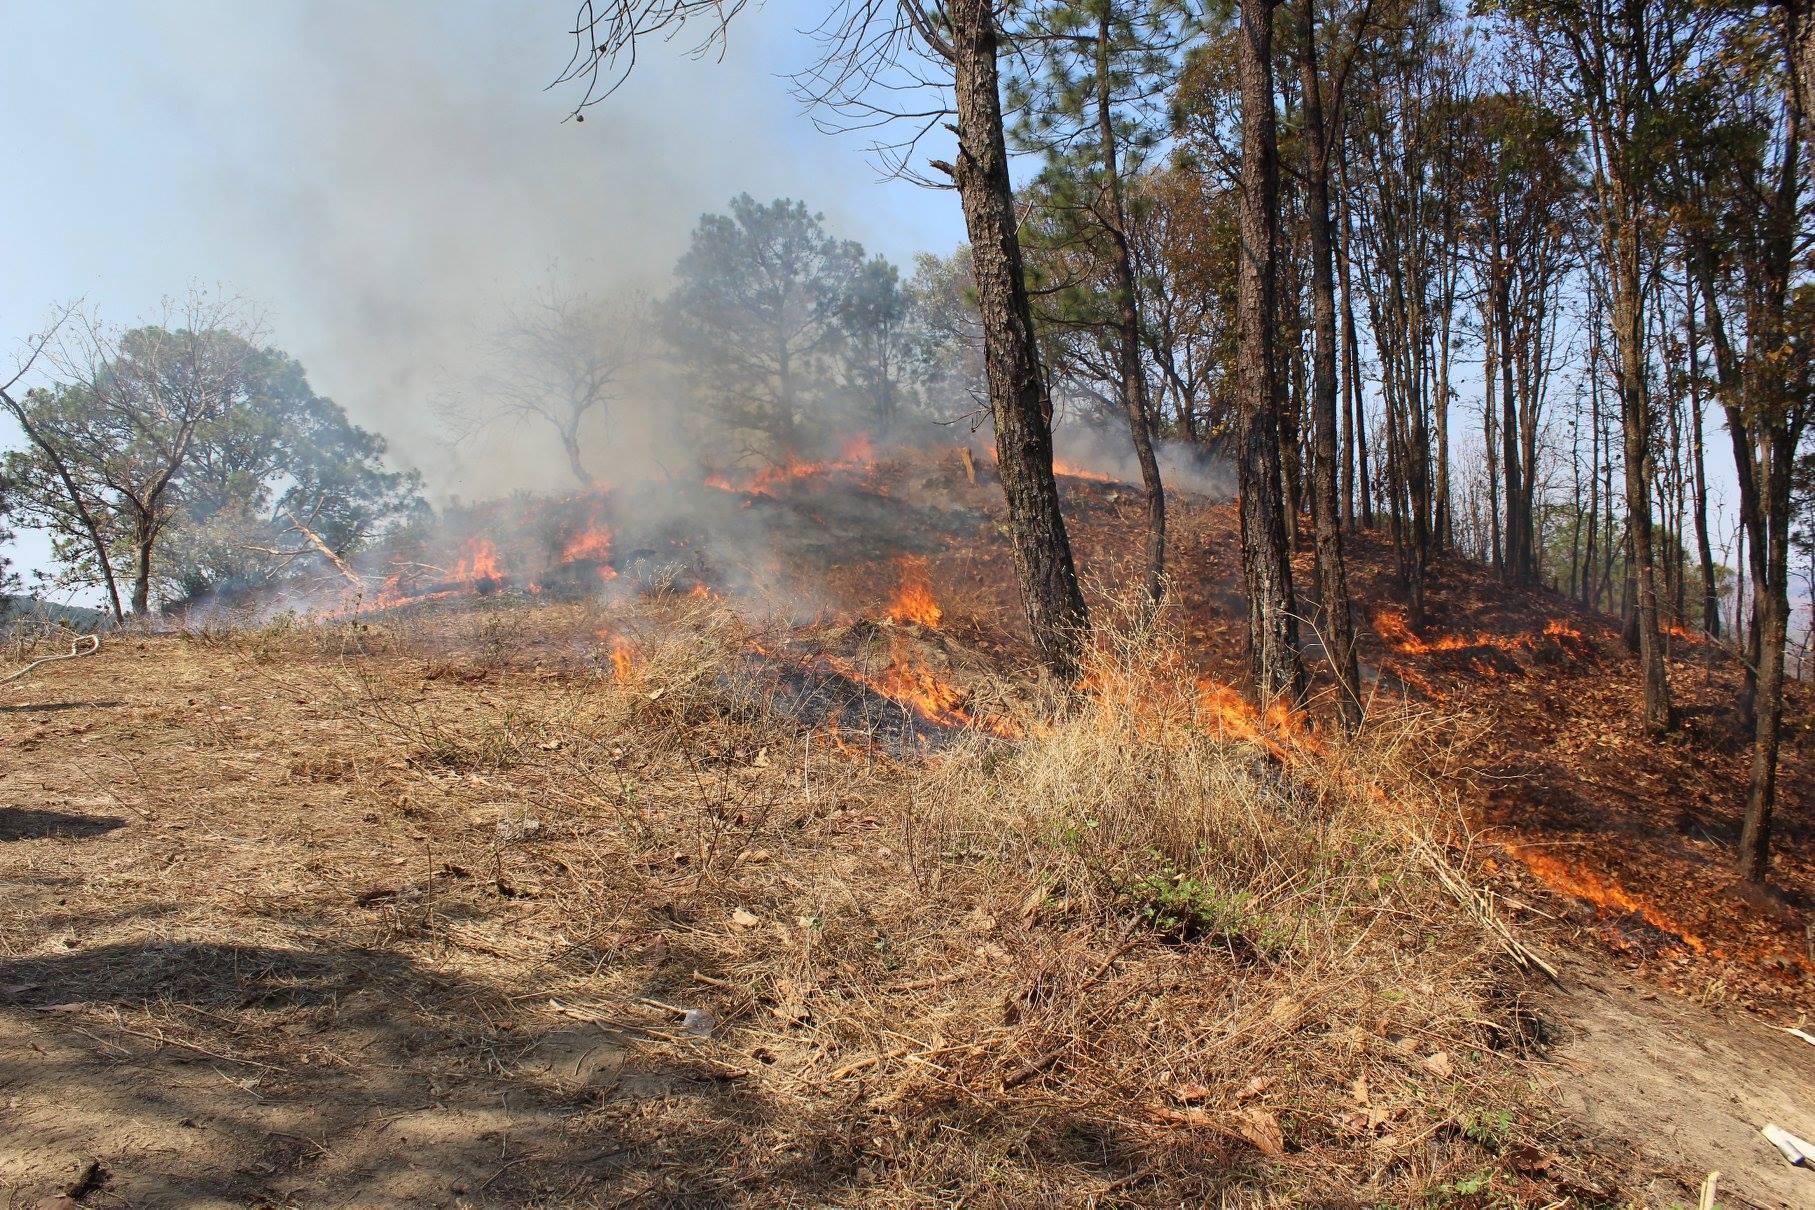 Avanza en Comisiones exhorto a municipios para crear brigadas contra incendios